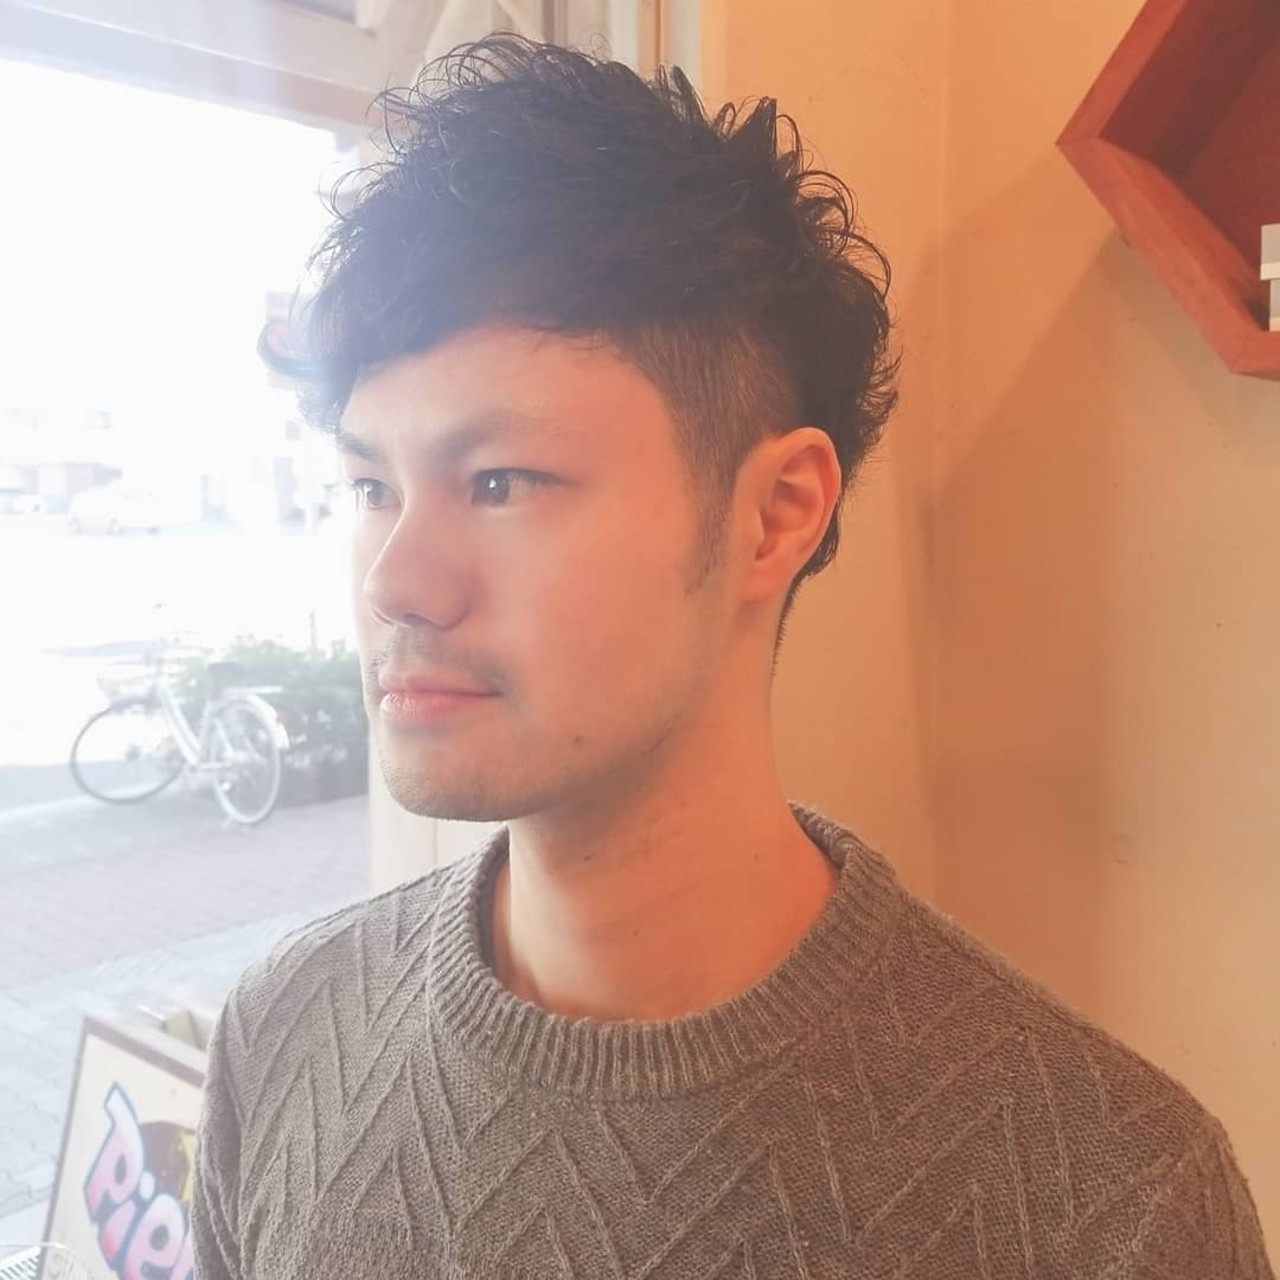 ウェットヘア メンズパーマ メンズカット ナチュラル ヘアスタイルや髪型の写真・画像